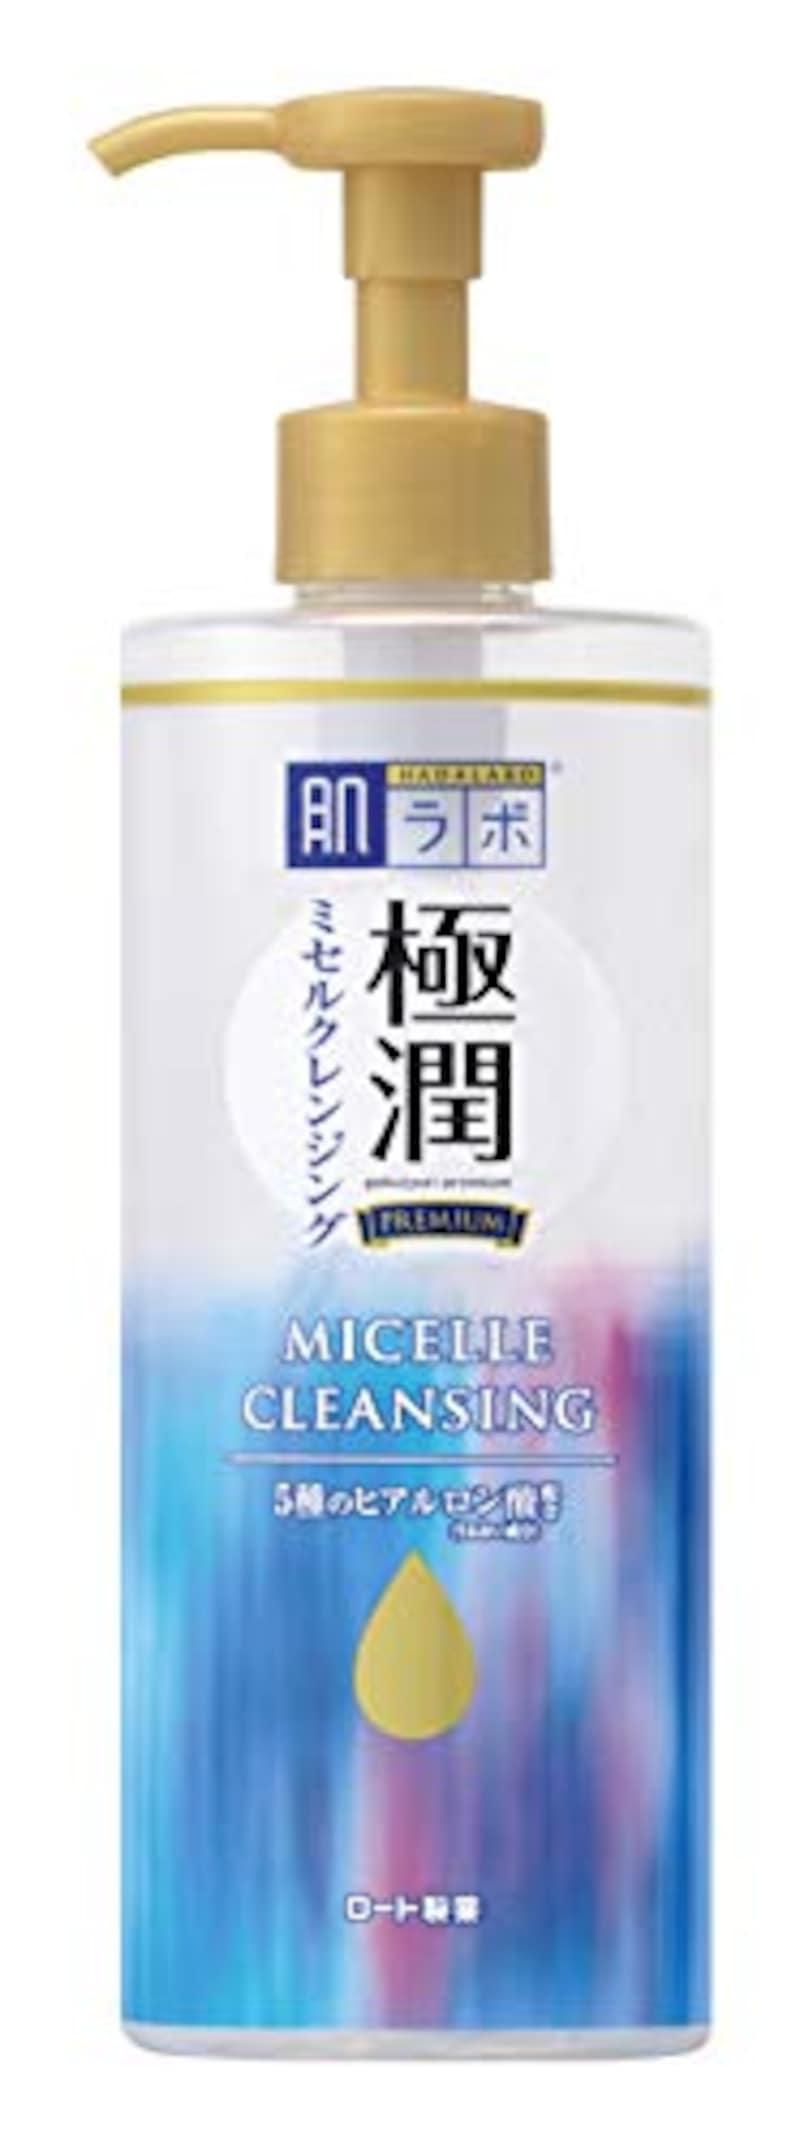 肌ラボ ,極潤プレミアム クレンジングヒアルロン酸化粧水,4987241160334